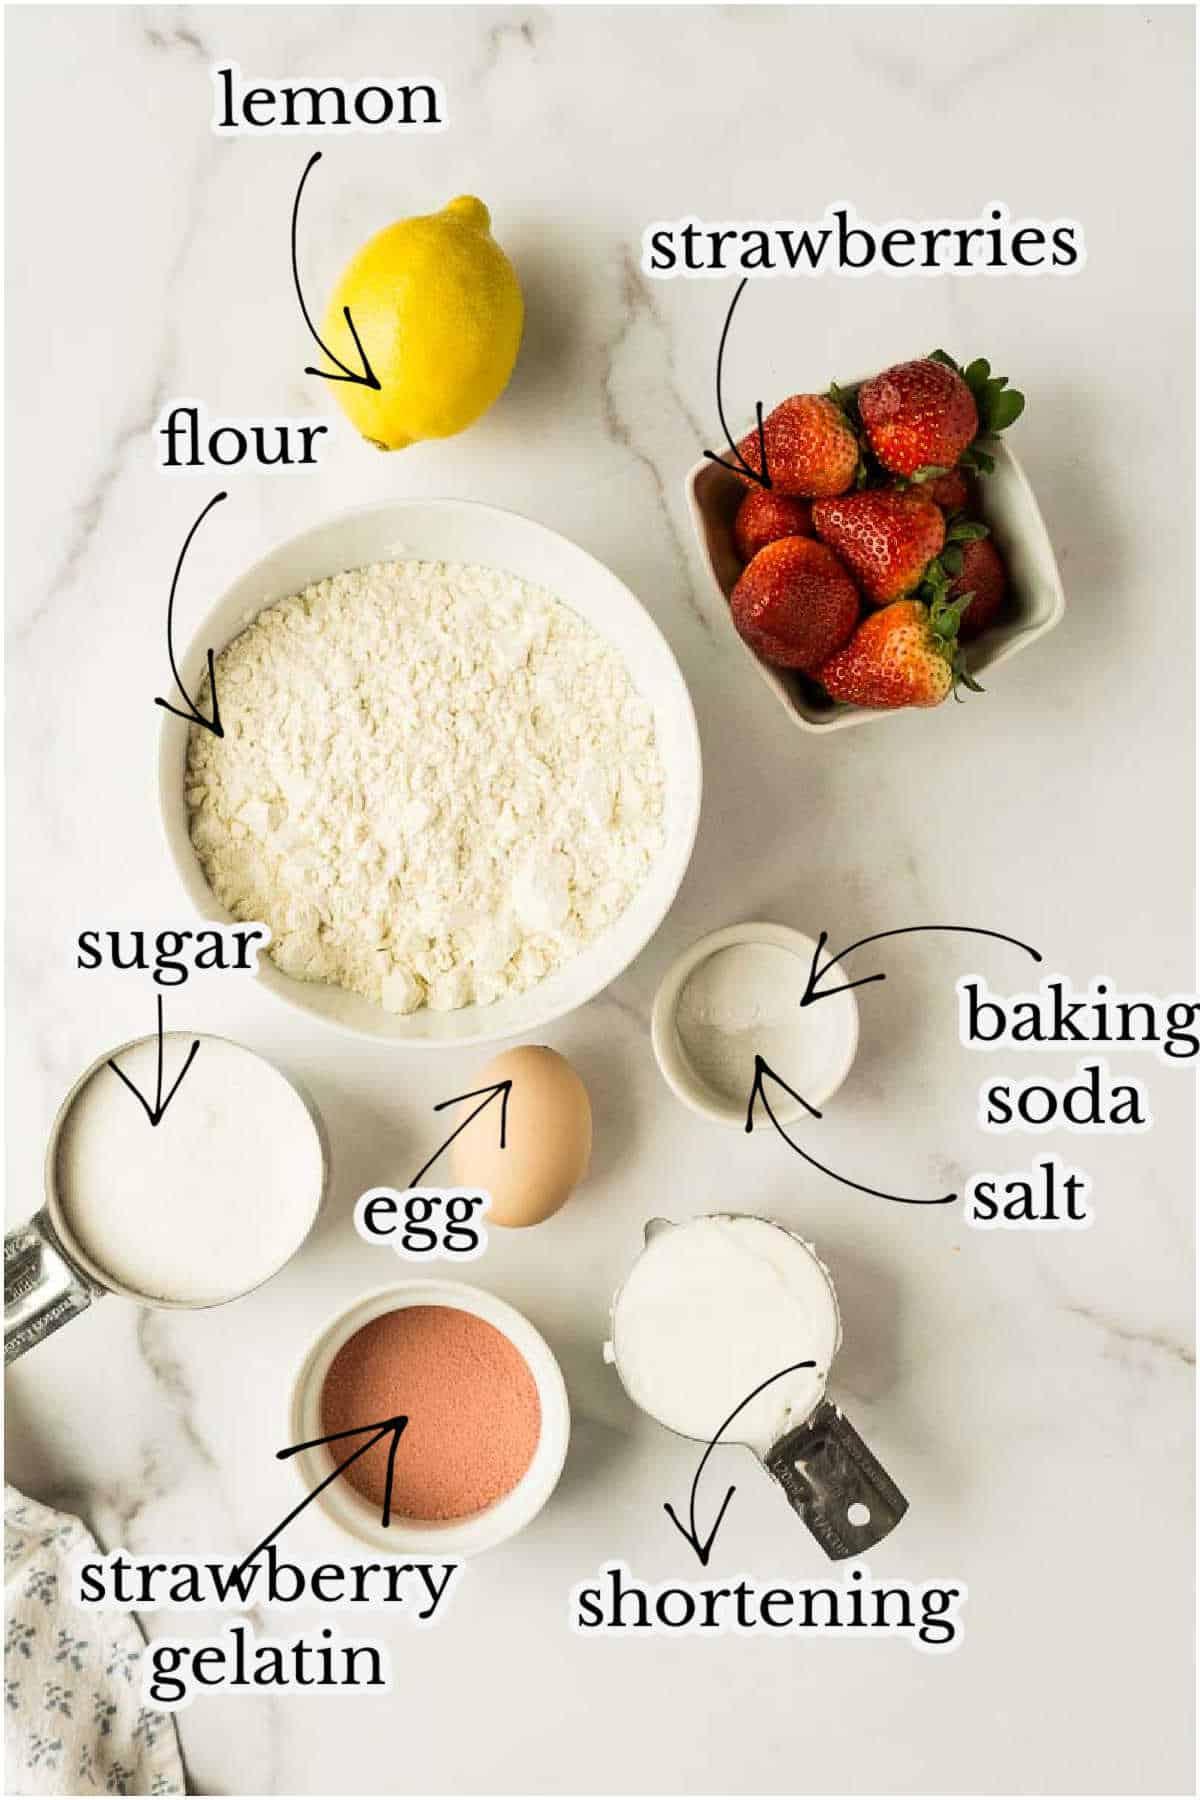 shortening, strawberries, lemon, baking soda, flour, egg, on marble counter